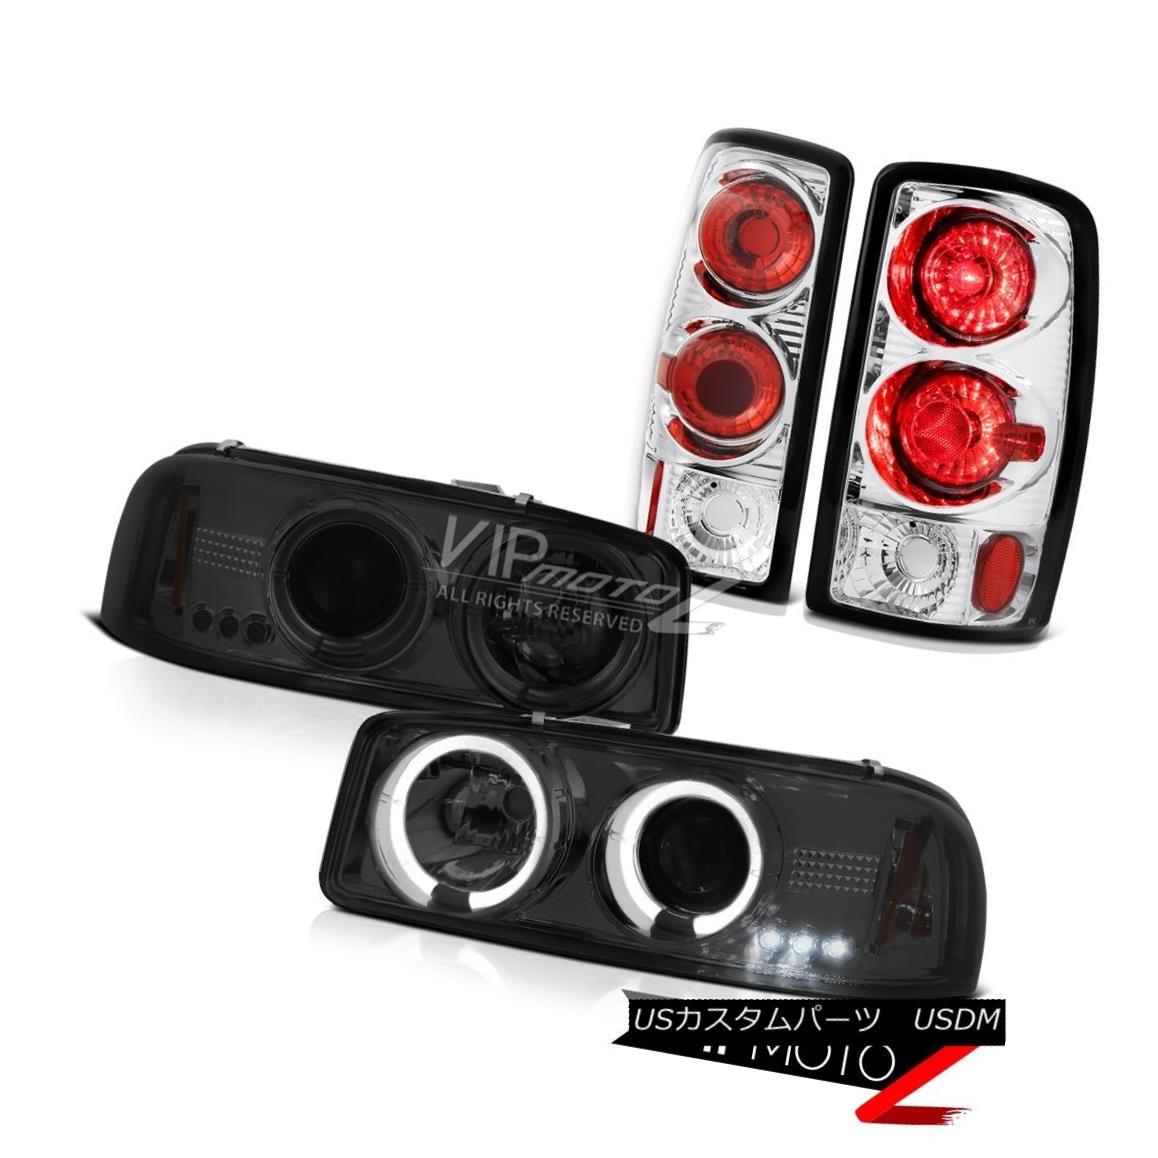 ヘッドライト GMC Denali Tinted Halo LED Headlights 00 01 02 03 04 Yukon Rear Brake Tail Light GMCデナリティンテッドハローLEDヘッドライト00 01 02 03 04ユーコンリアブレーキテールライト